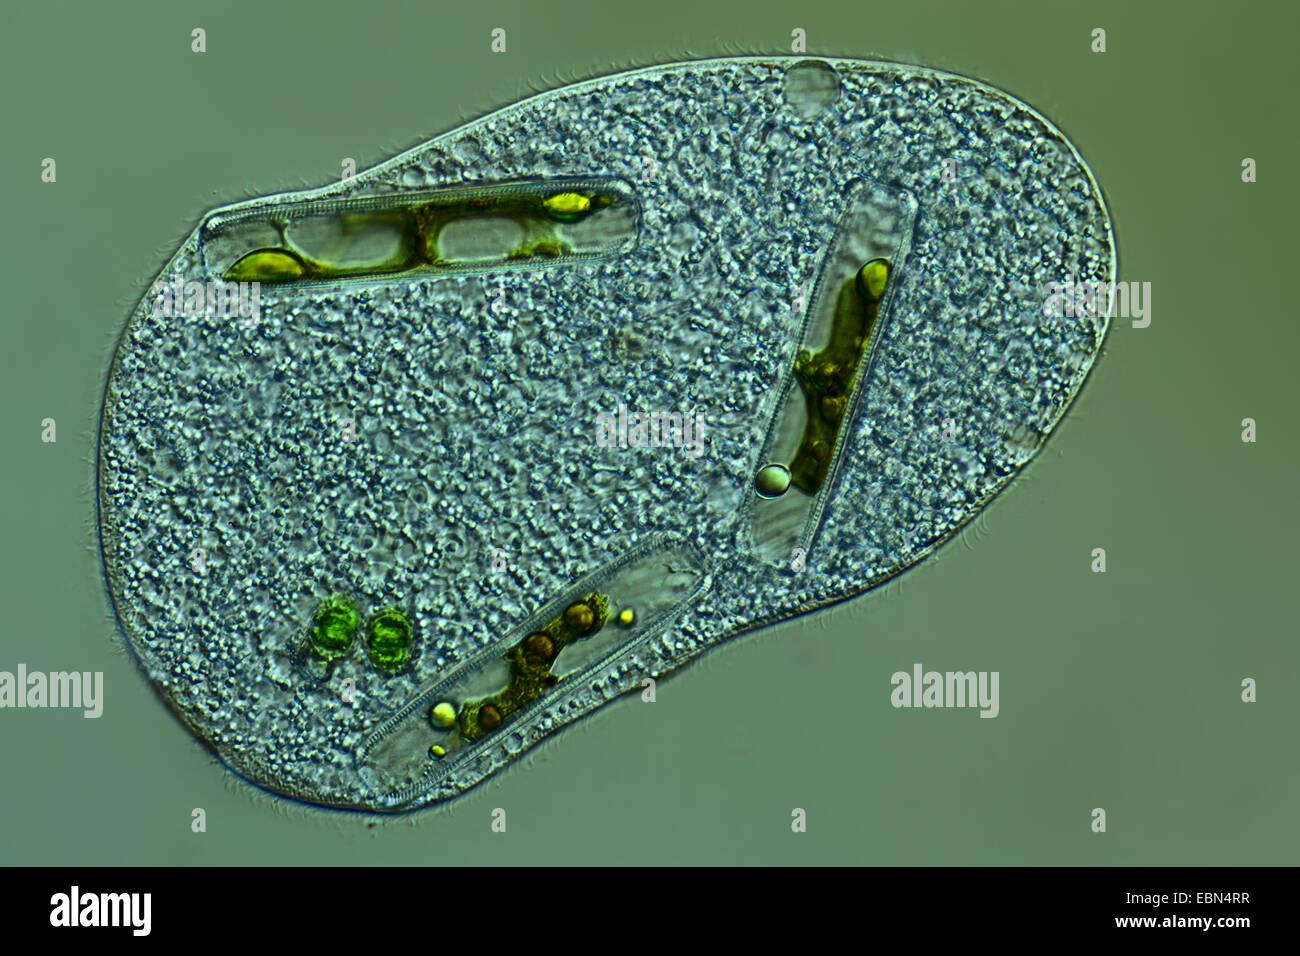 einzelligen Organismus mit gefüttert, differential Interferenz-Kontrast Stockbild